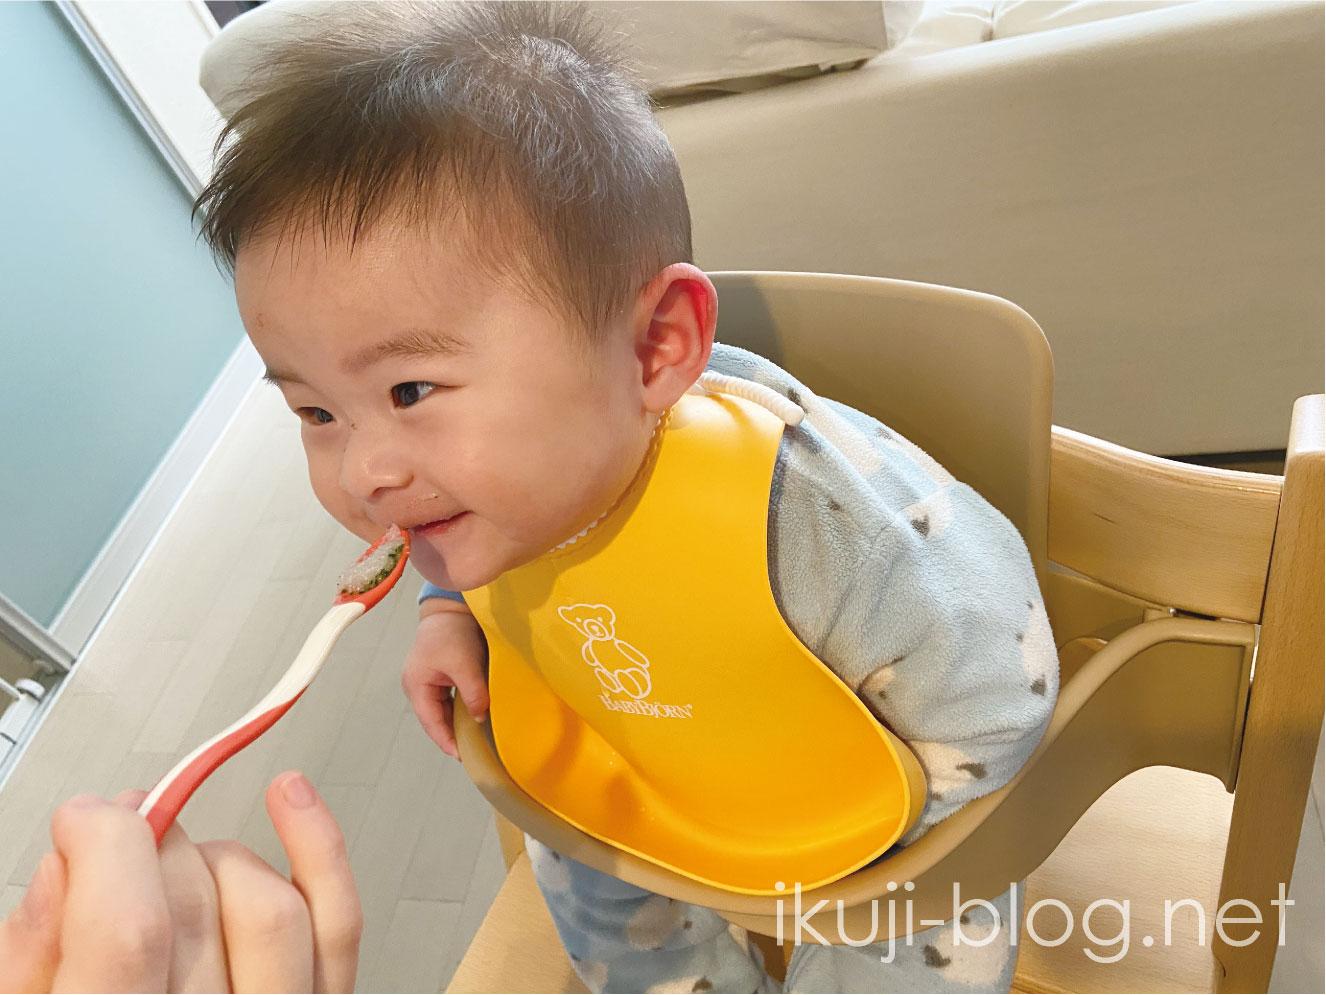 トリップトラップで笑顔で離乳食を食べる赤ちゃん